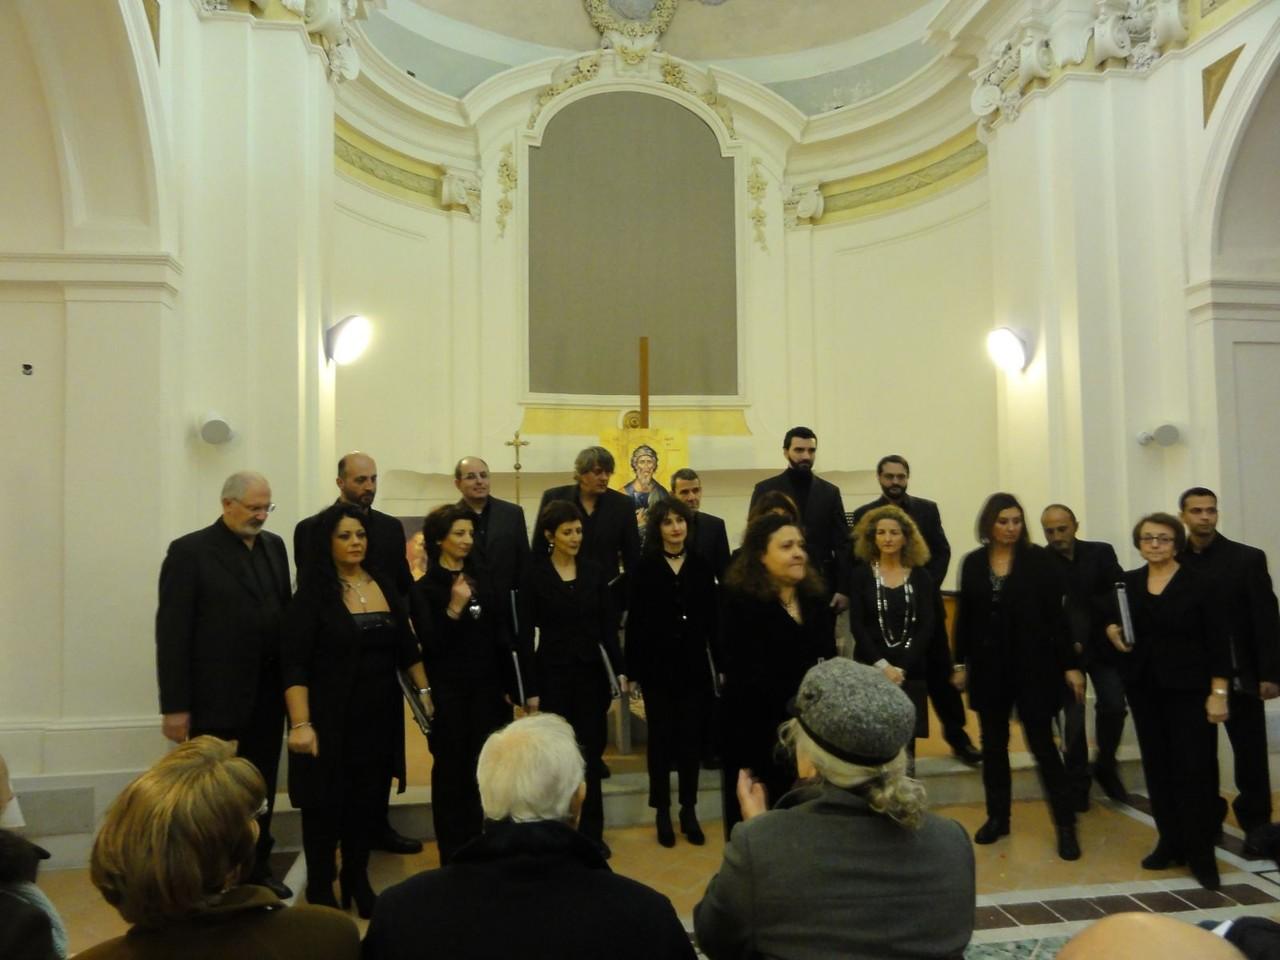 Coro Polifonico Casella - Salerne, Italie